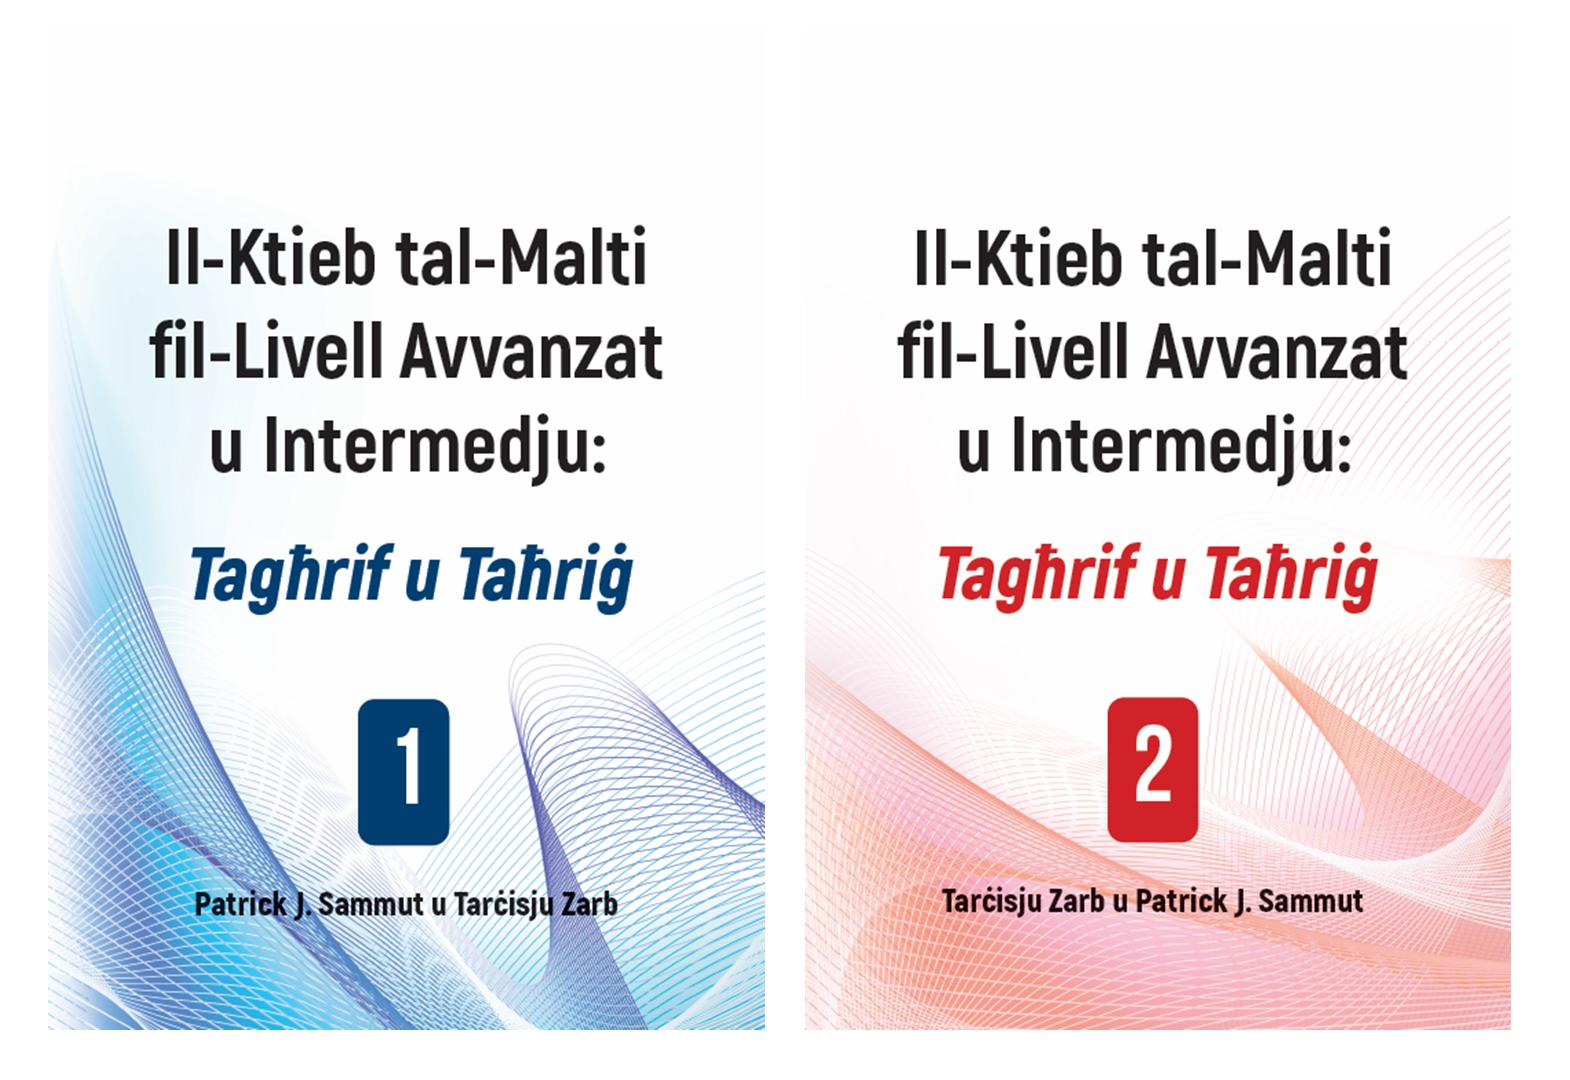 Il-Ktieb tal-Malti fil-Livell Avvanzat u Intermedju: Tagħrif u Taħriġ (1) & (2)